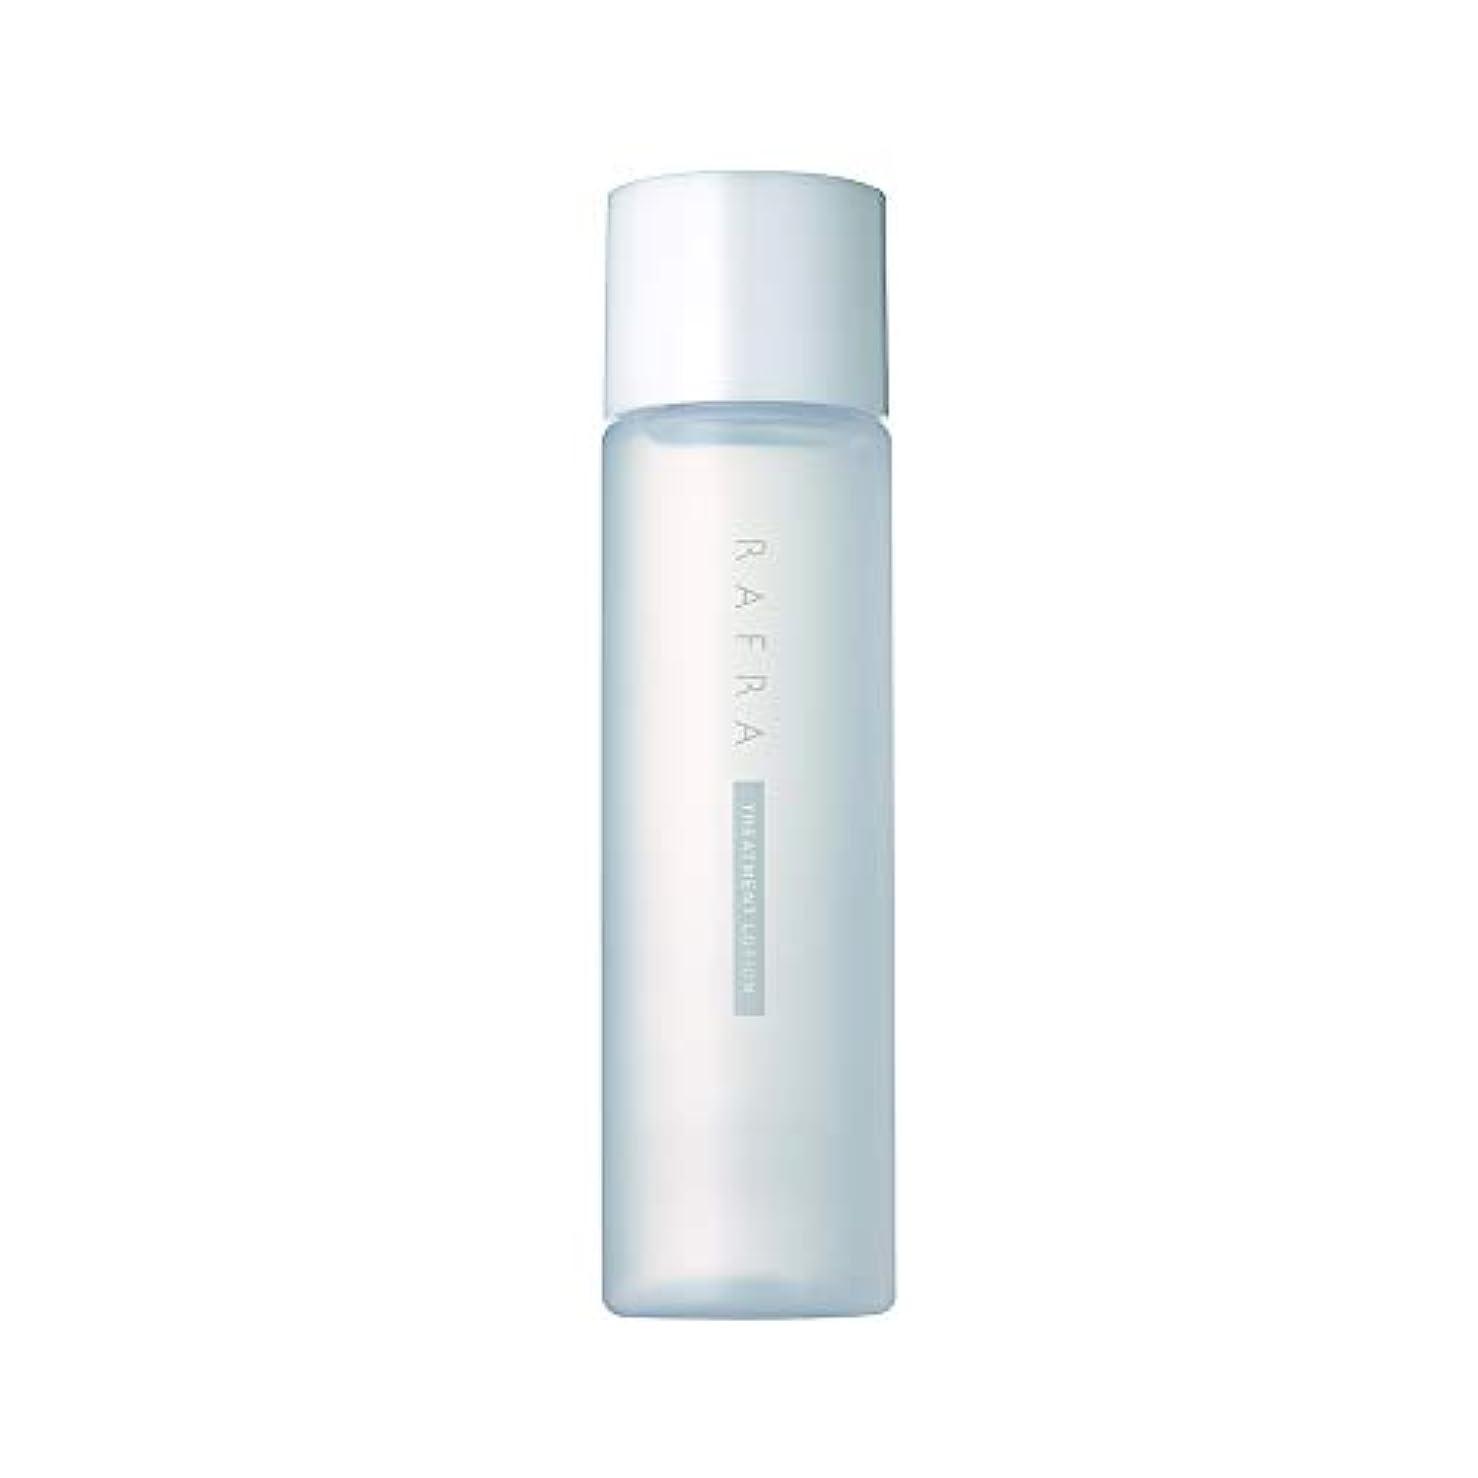 教科書雇ったファンタジーラフラ トリートメントローション 150ml 化粧水 ブースター 導入液